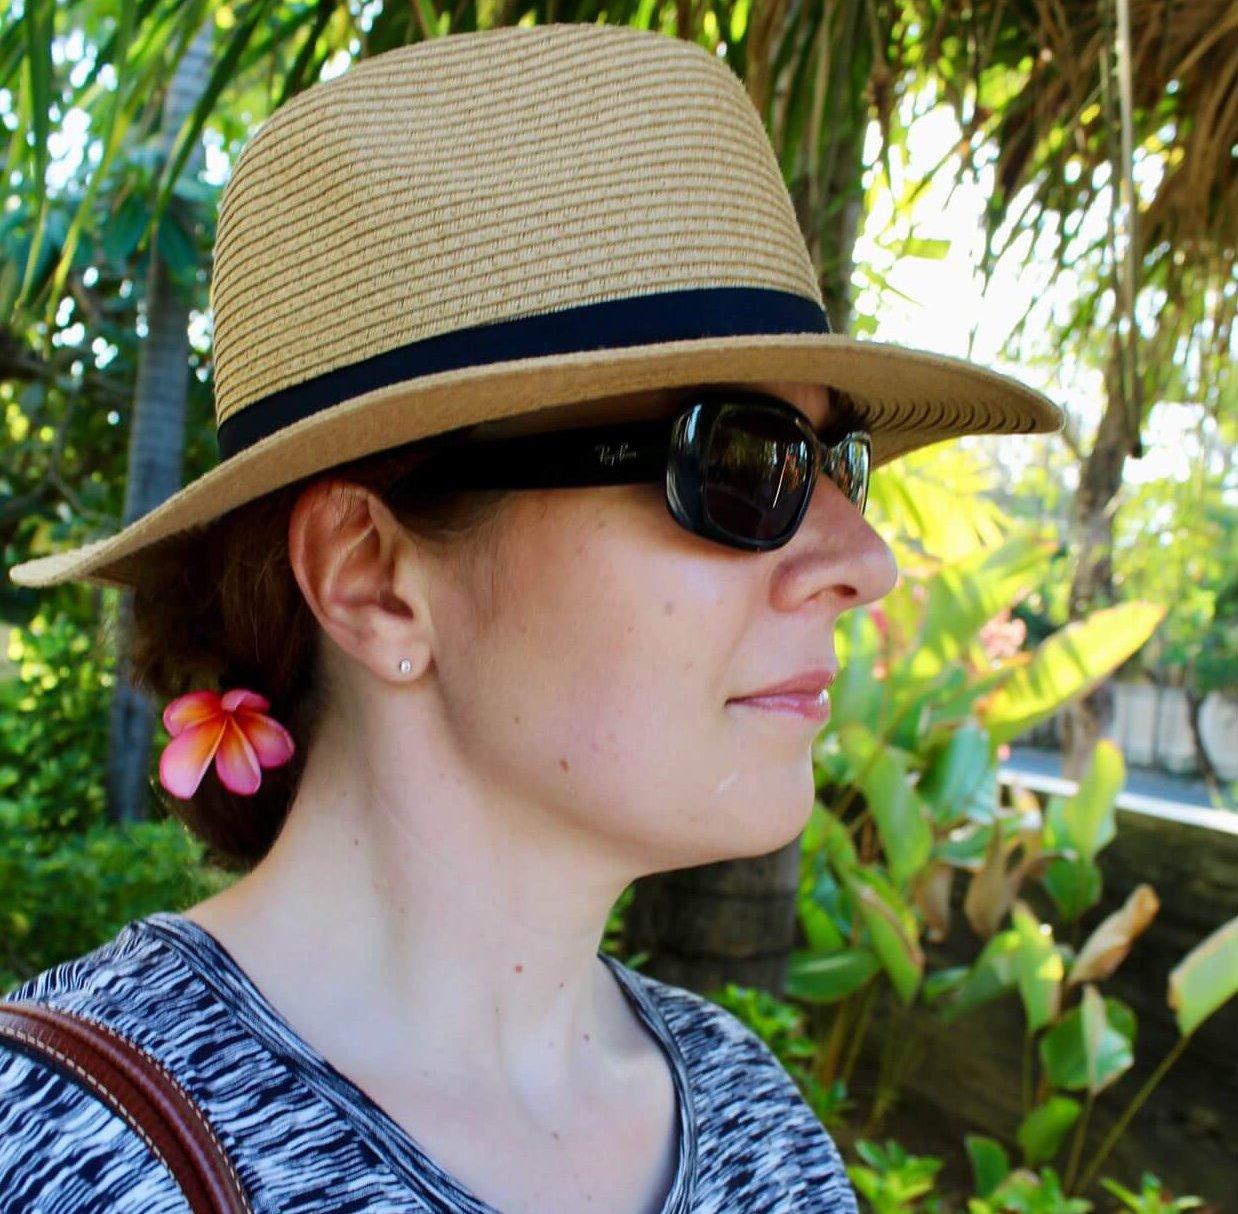 Ü40 Bloggerin Tanja Traumurlaub IKNMLO